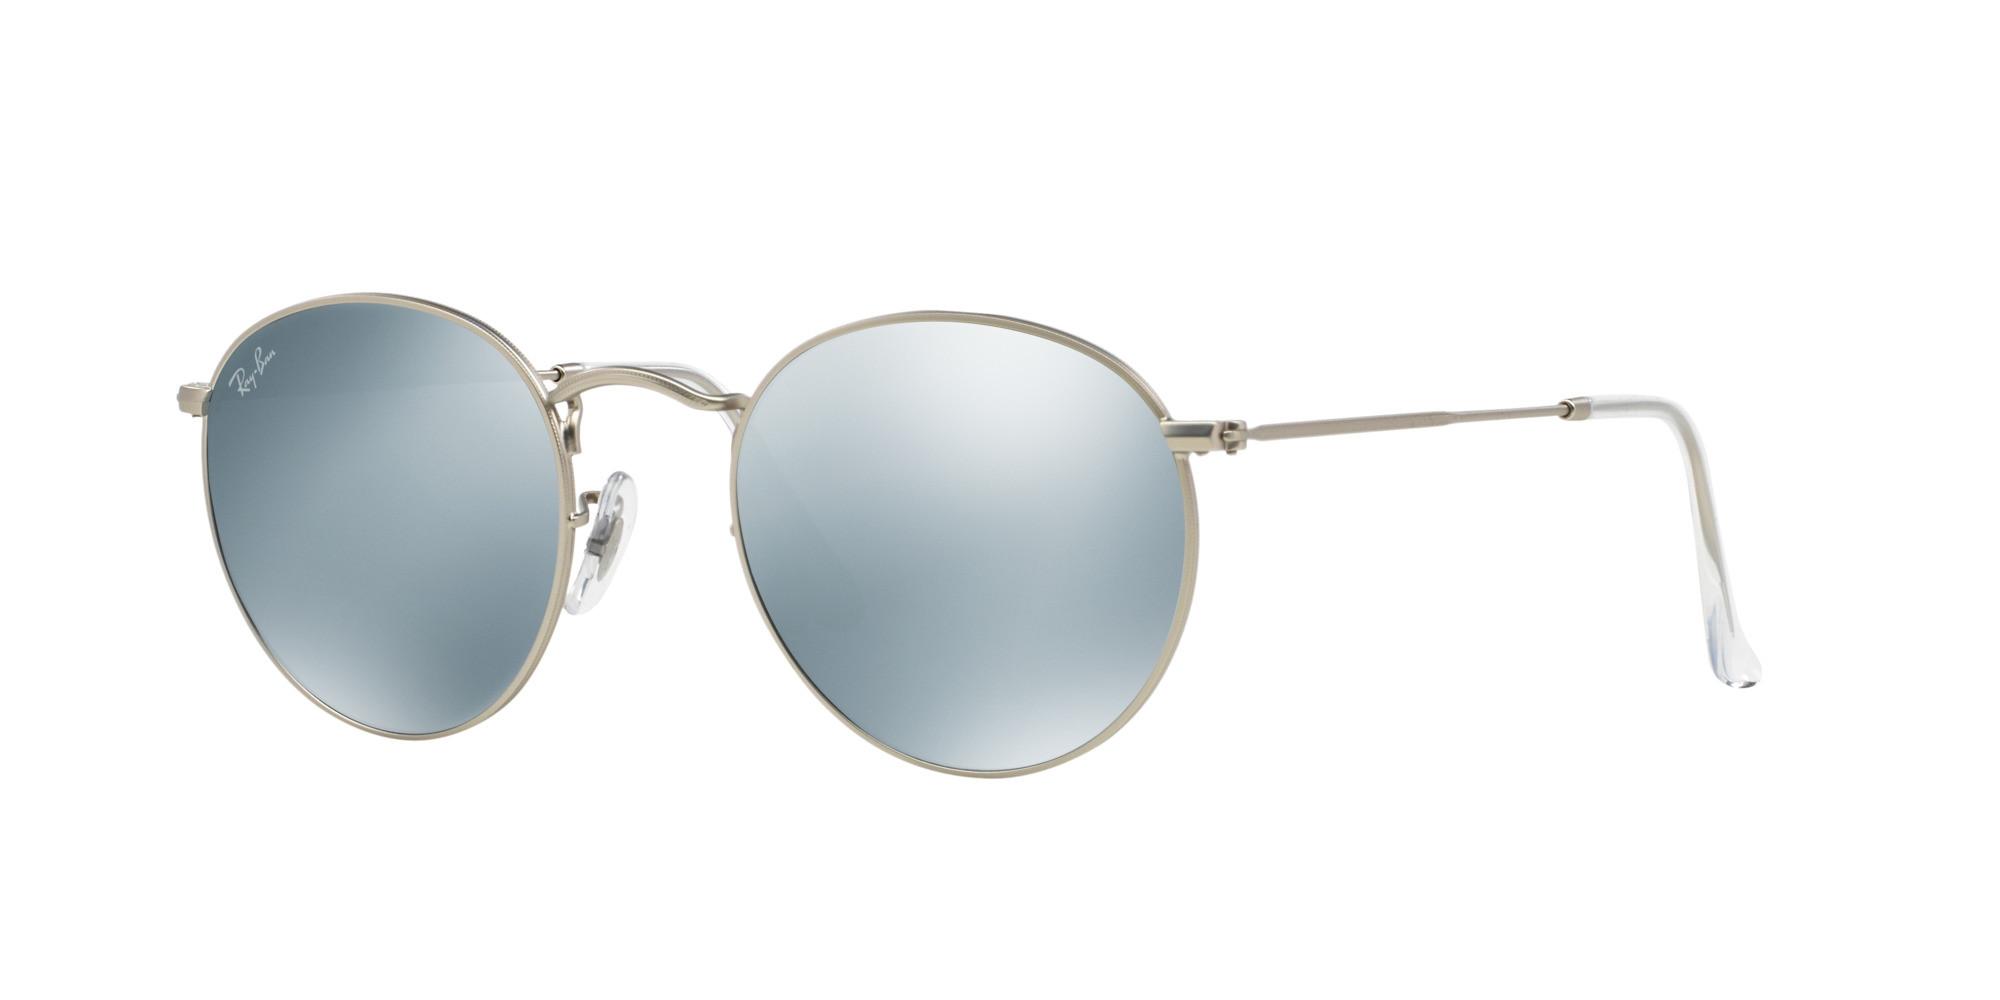 Gafas de sol RAY-BAN RB 3447 019/30